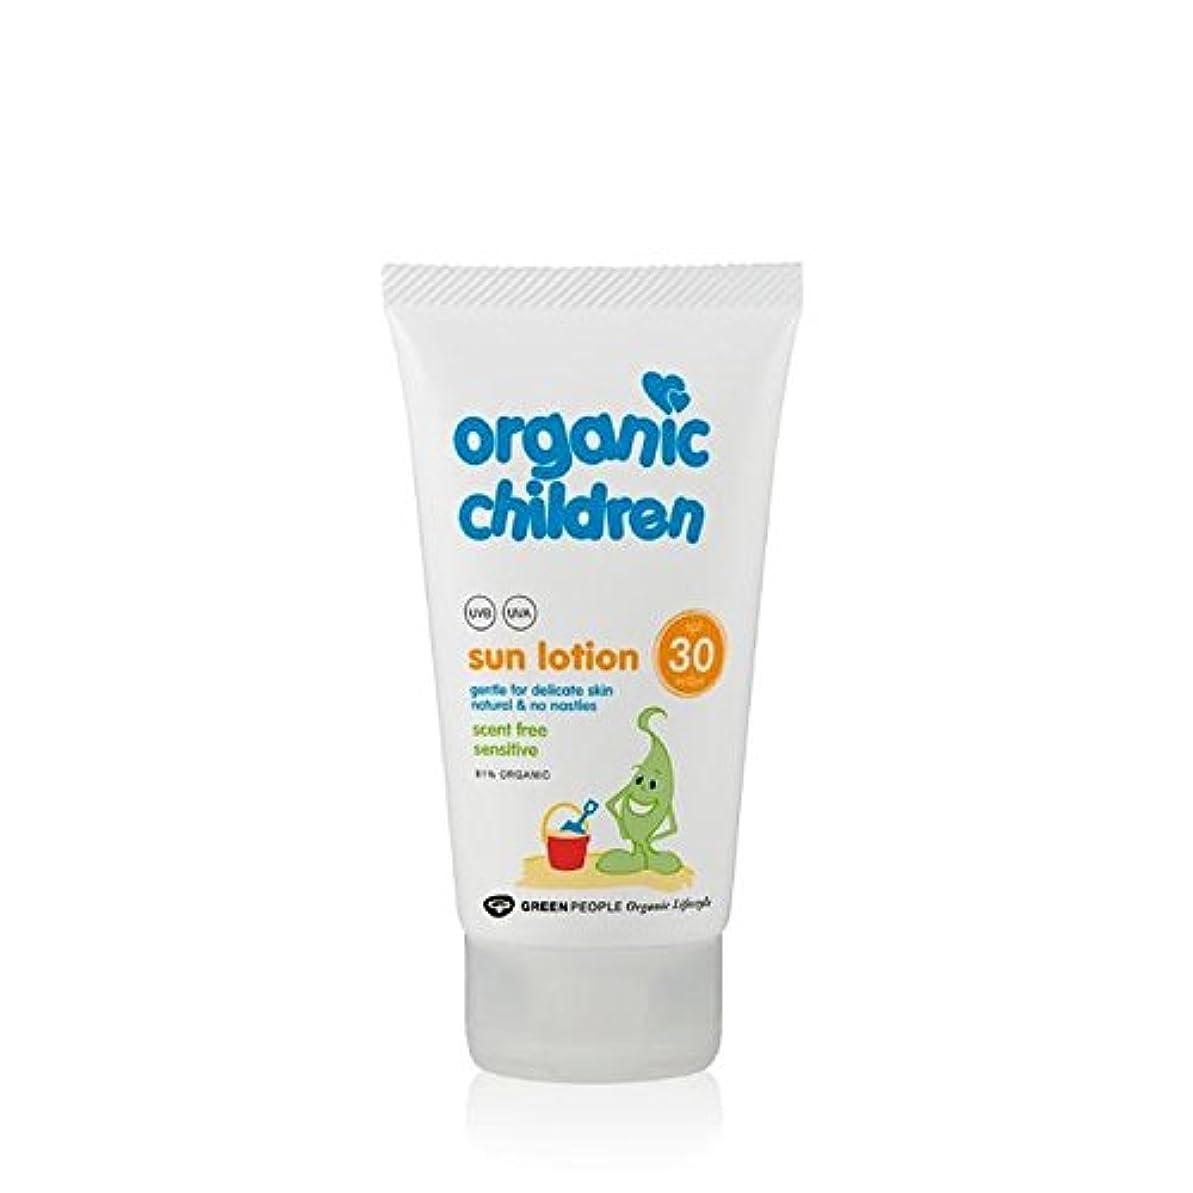 原理ランドマーク心のこもった有機子ども30の香り無料のサンローション150 x4 - Organic Children SPF30 Scent Free Sun Lotion 150ml (Pack of 4) [並行輸入品]